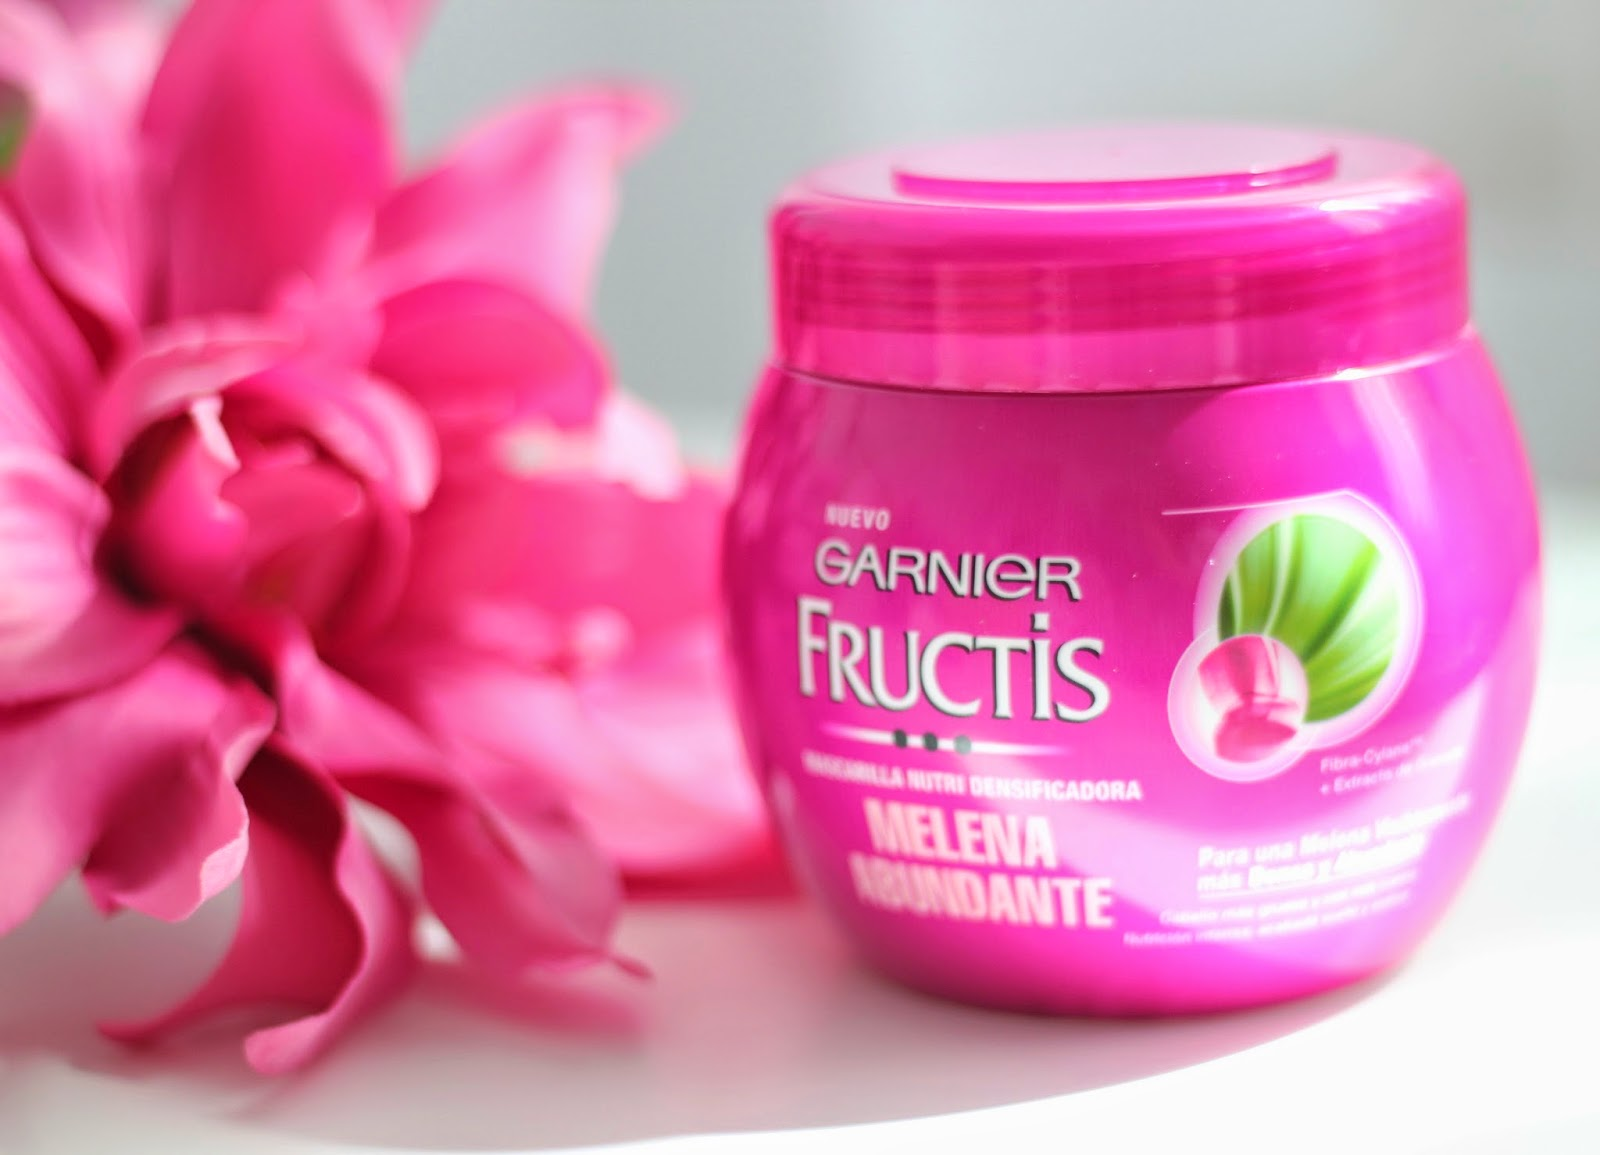 photo-Garnier-Fructis-Melena_Abundante-mascarilla